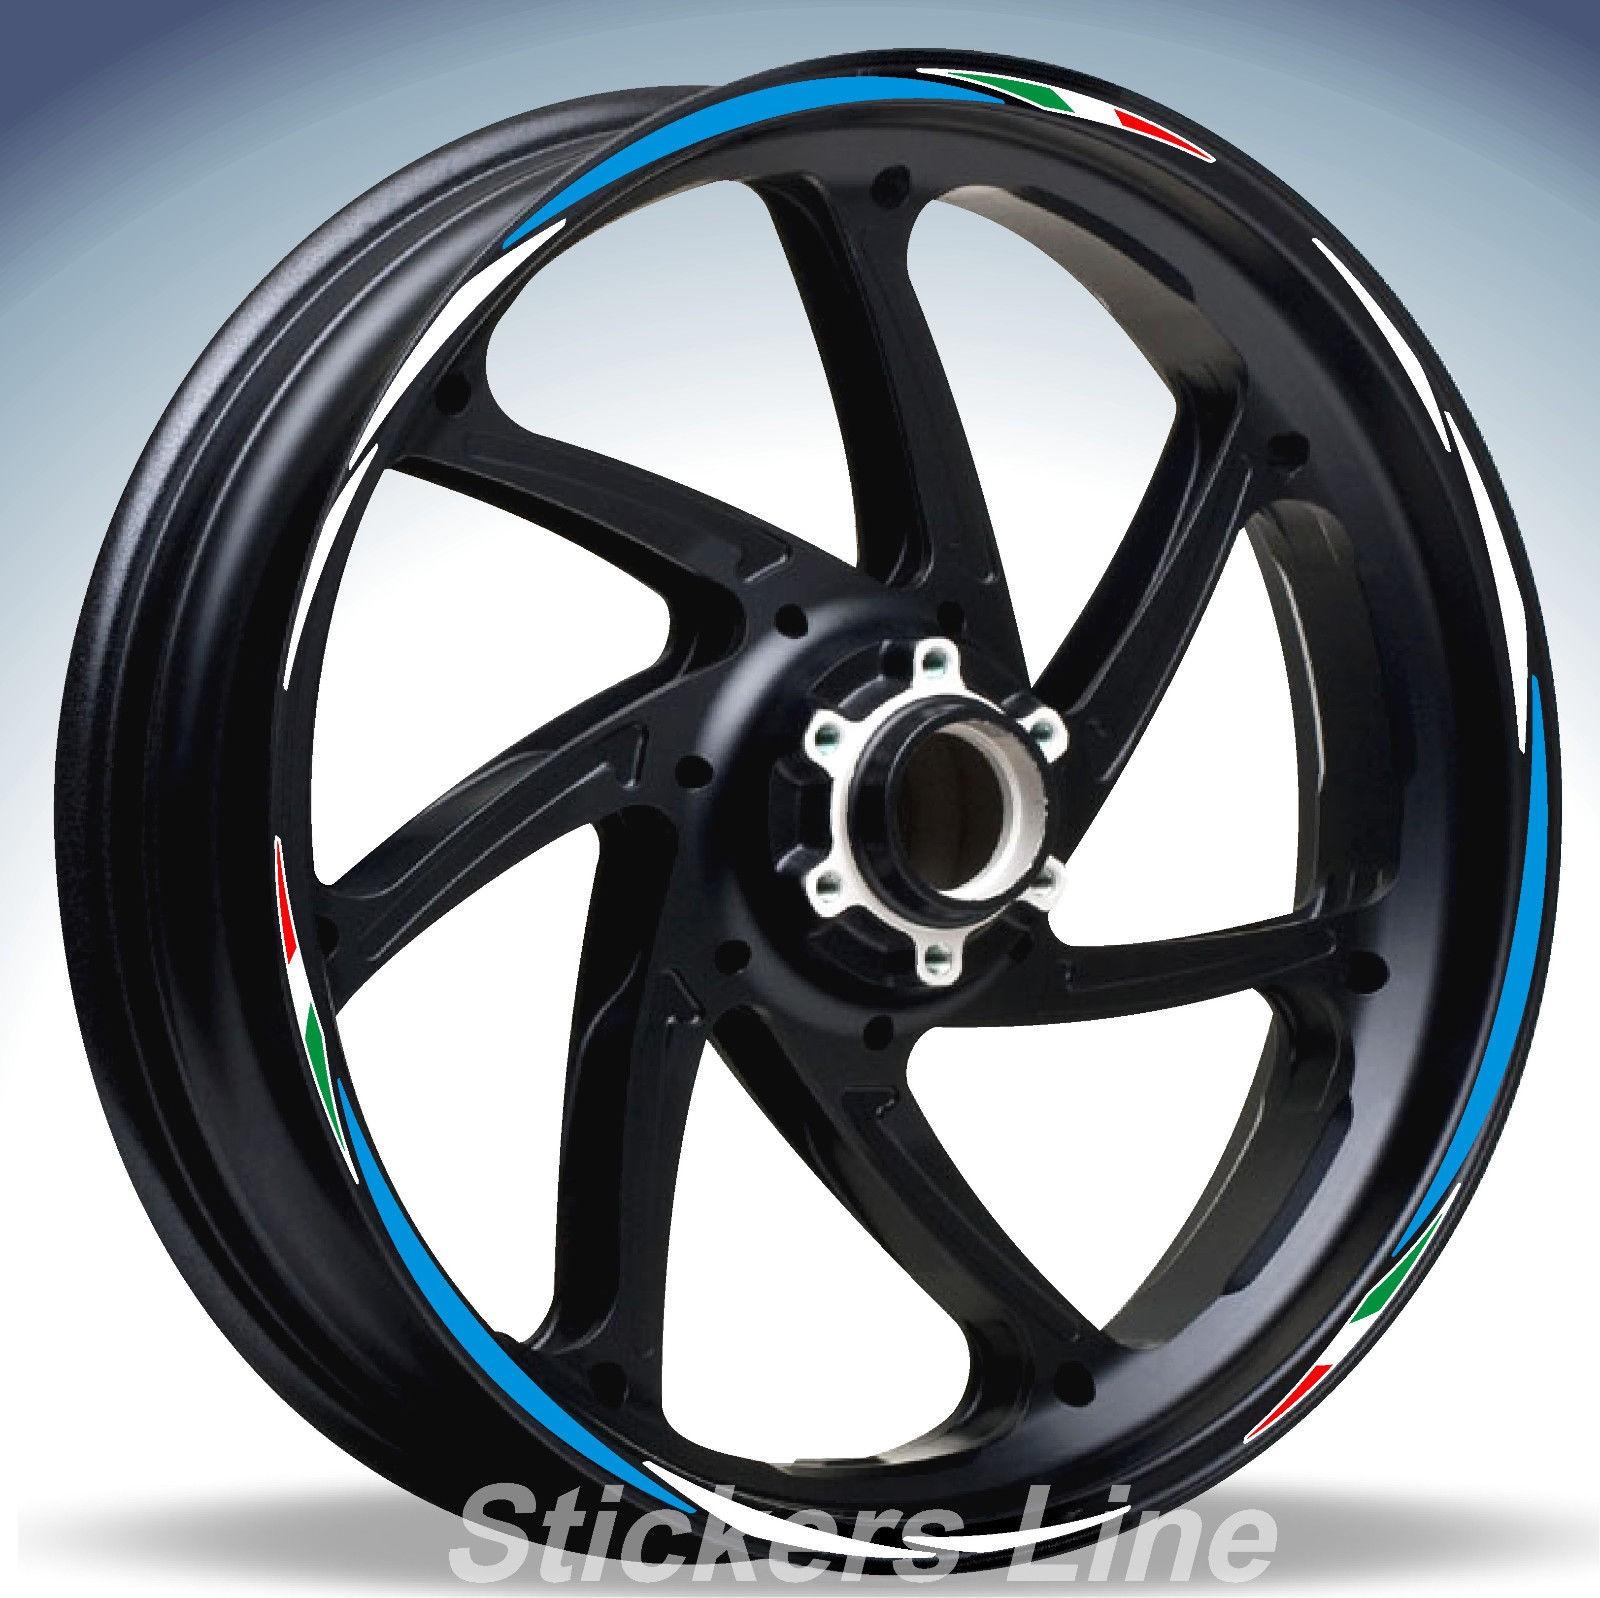 Adesivi ruote moto strisce cerchi SUZUKI GSX-R 125 GSXR125 GSXR 125 Racing 3